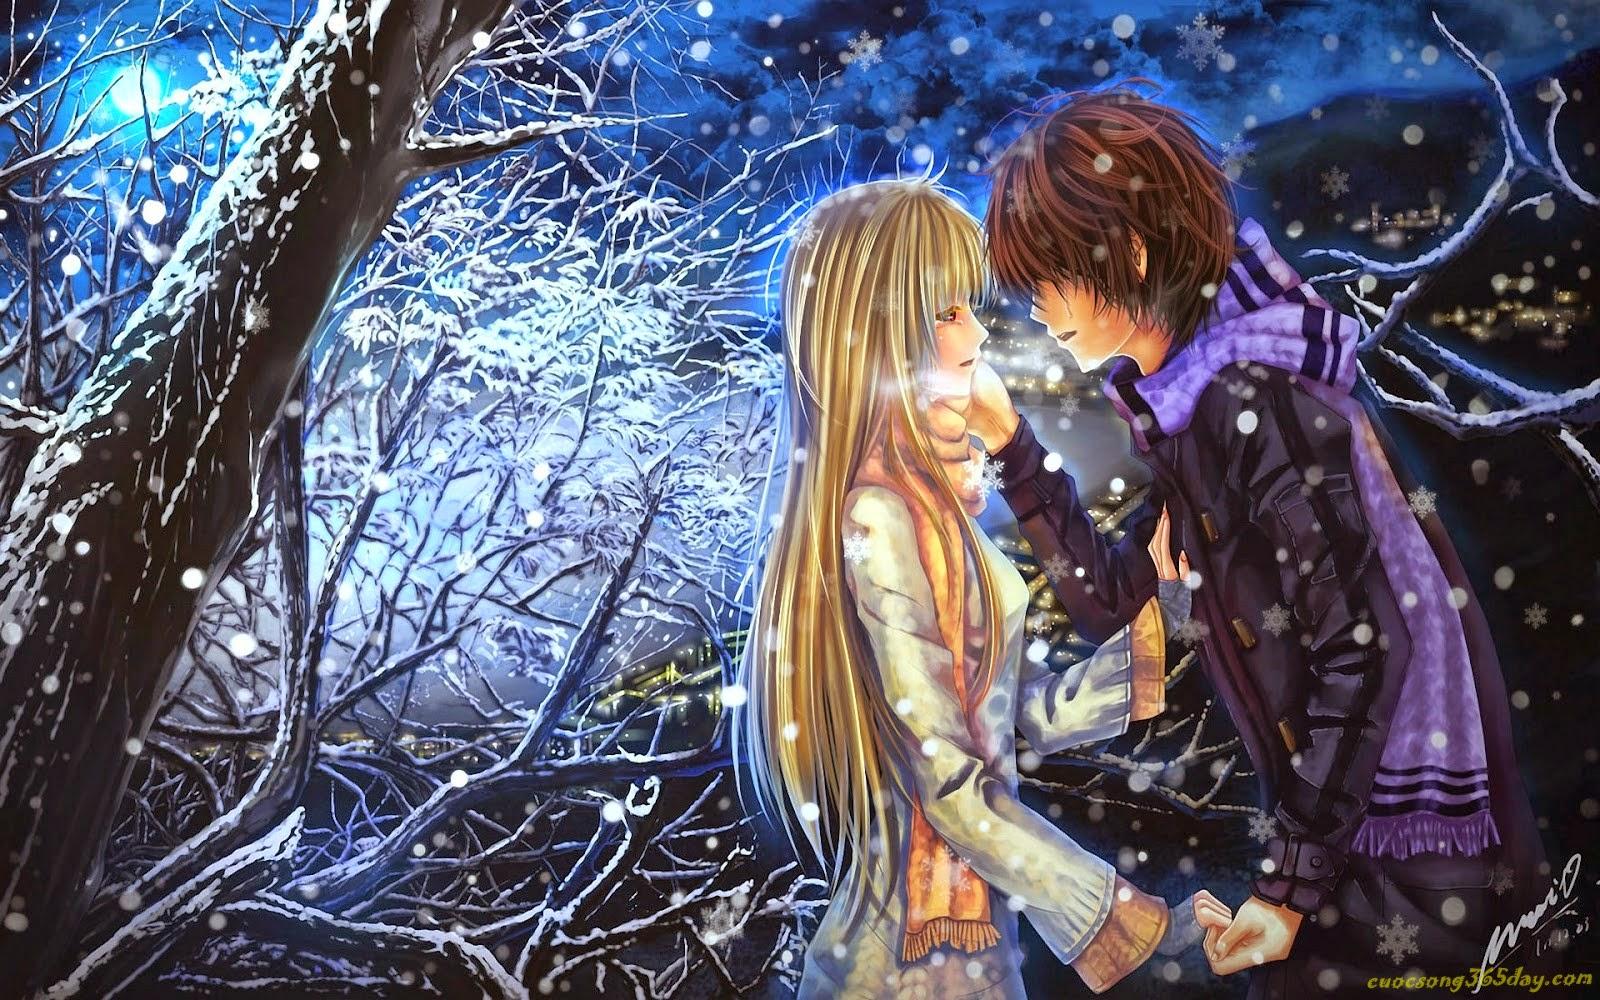 146 Love Couple Pic Images Wallpaper Pictures Hd 1080p: Hình Nền Tình Yêu Hoạt Hình Lãng Mạn